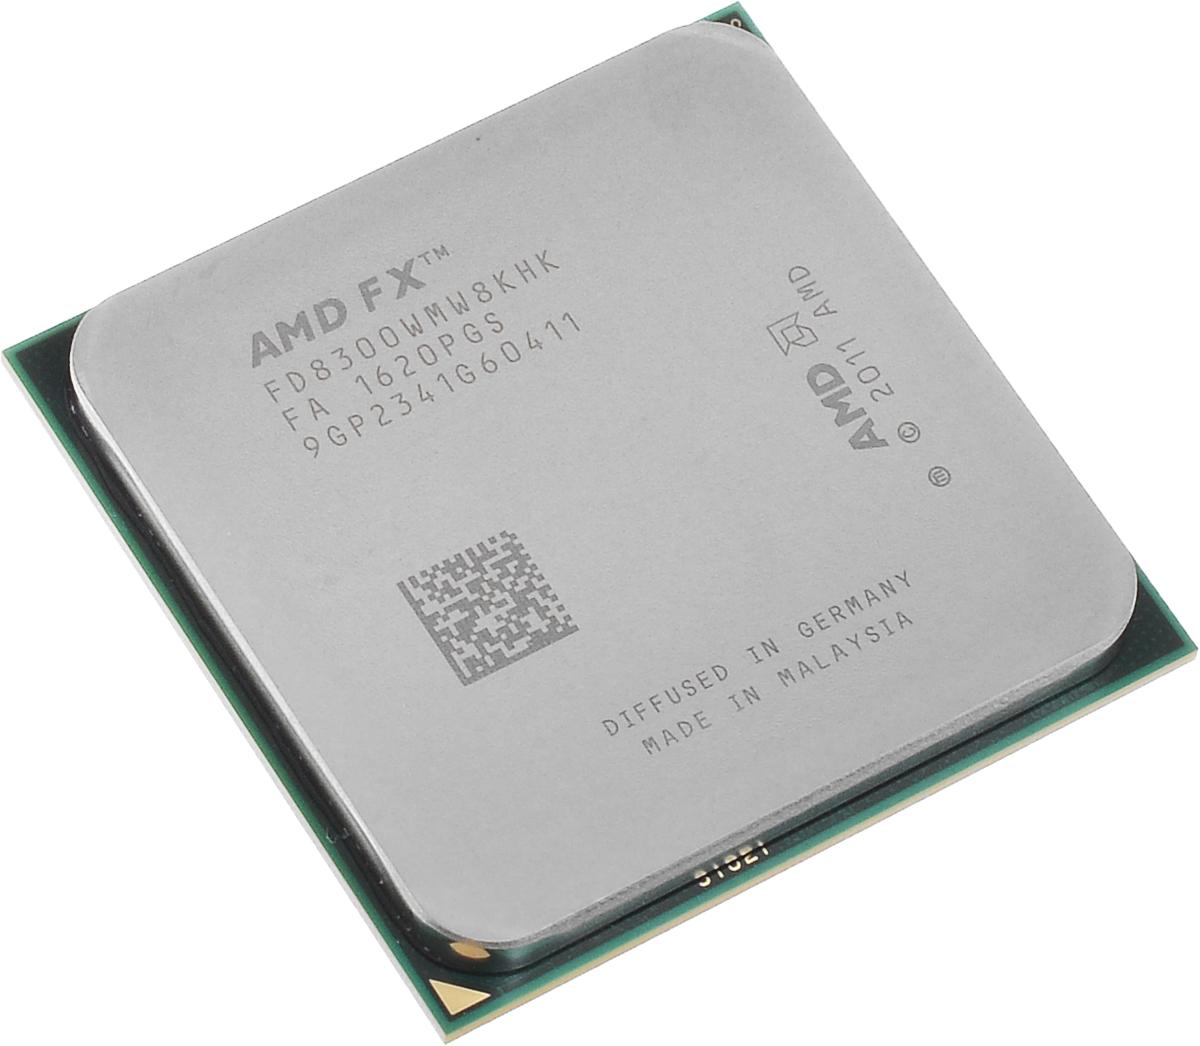 AMD FX-8300 процессор (FD8300WMW8KHK)FD8300WMW8KHKПроцессор AMD FX-8300 подойдет для настольных персональных компьютеров, основанных на платформе AMD. Данная модель имеет разблокированный множитель, а также встроенный двухканальный контроллер памяти DDR3. Процессор поддерживает все основные технологии AMD: AMD64 Enhanced Virus Protection, HyperTransport, PowerNow! / CoolnQuiet, Turbo Core 3.0, Virtualization